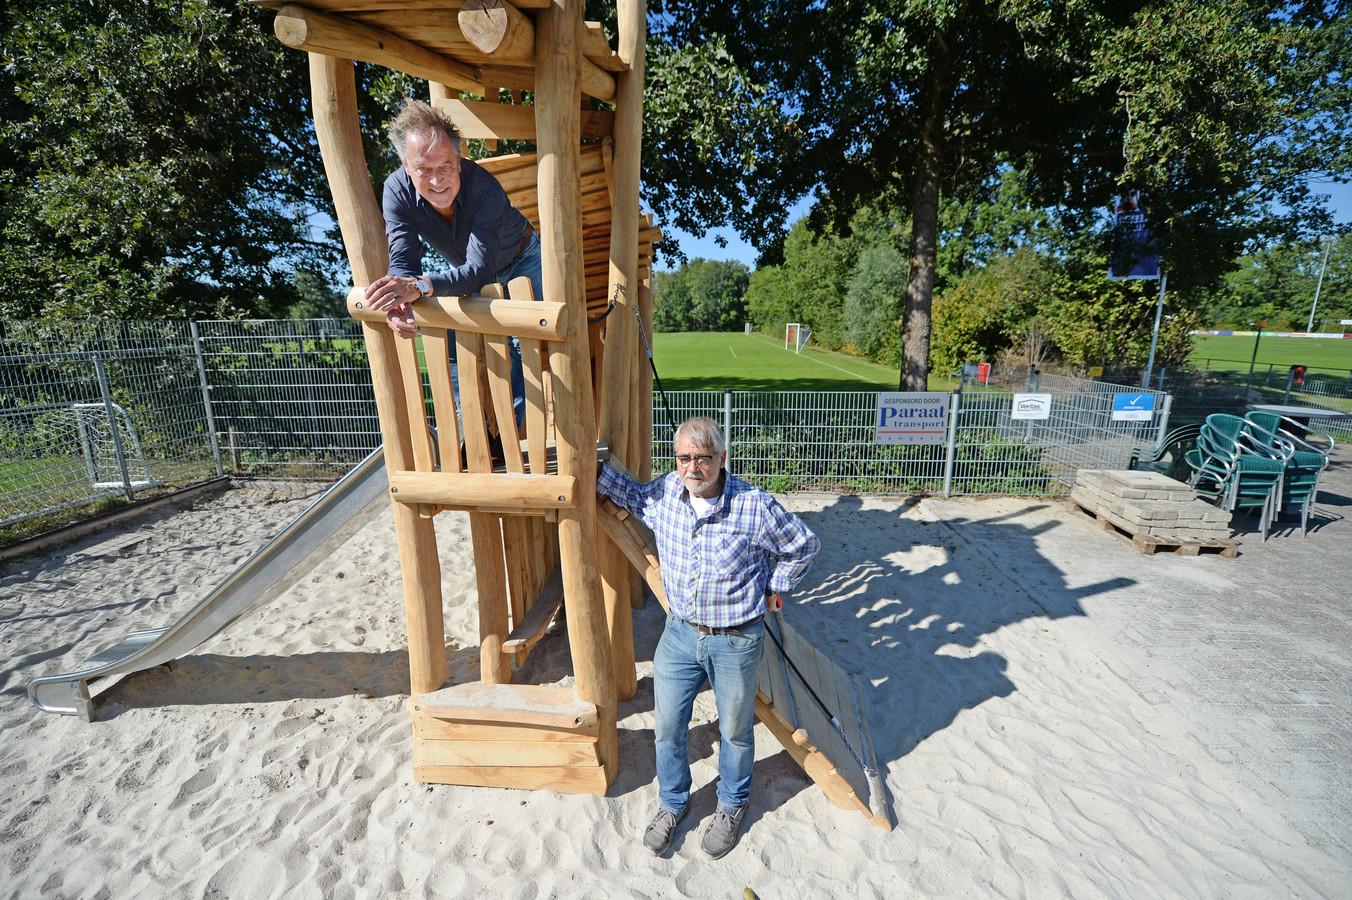 Voorzitter Harco Wesselink (boven) en ere-lid Toon Tolhuis bij het nieuwe speeltoestel op het opgeknapte complex van voetbalvereniging Wilheminaschool.